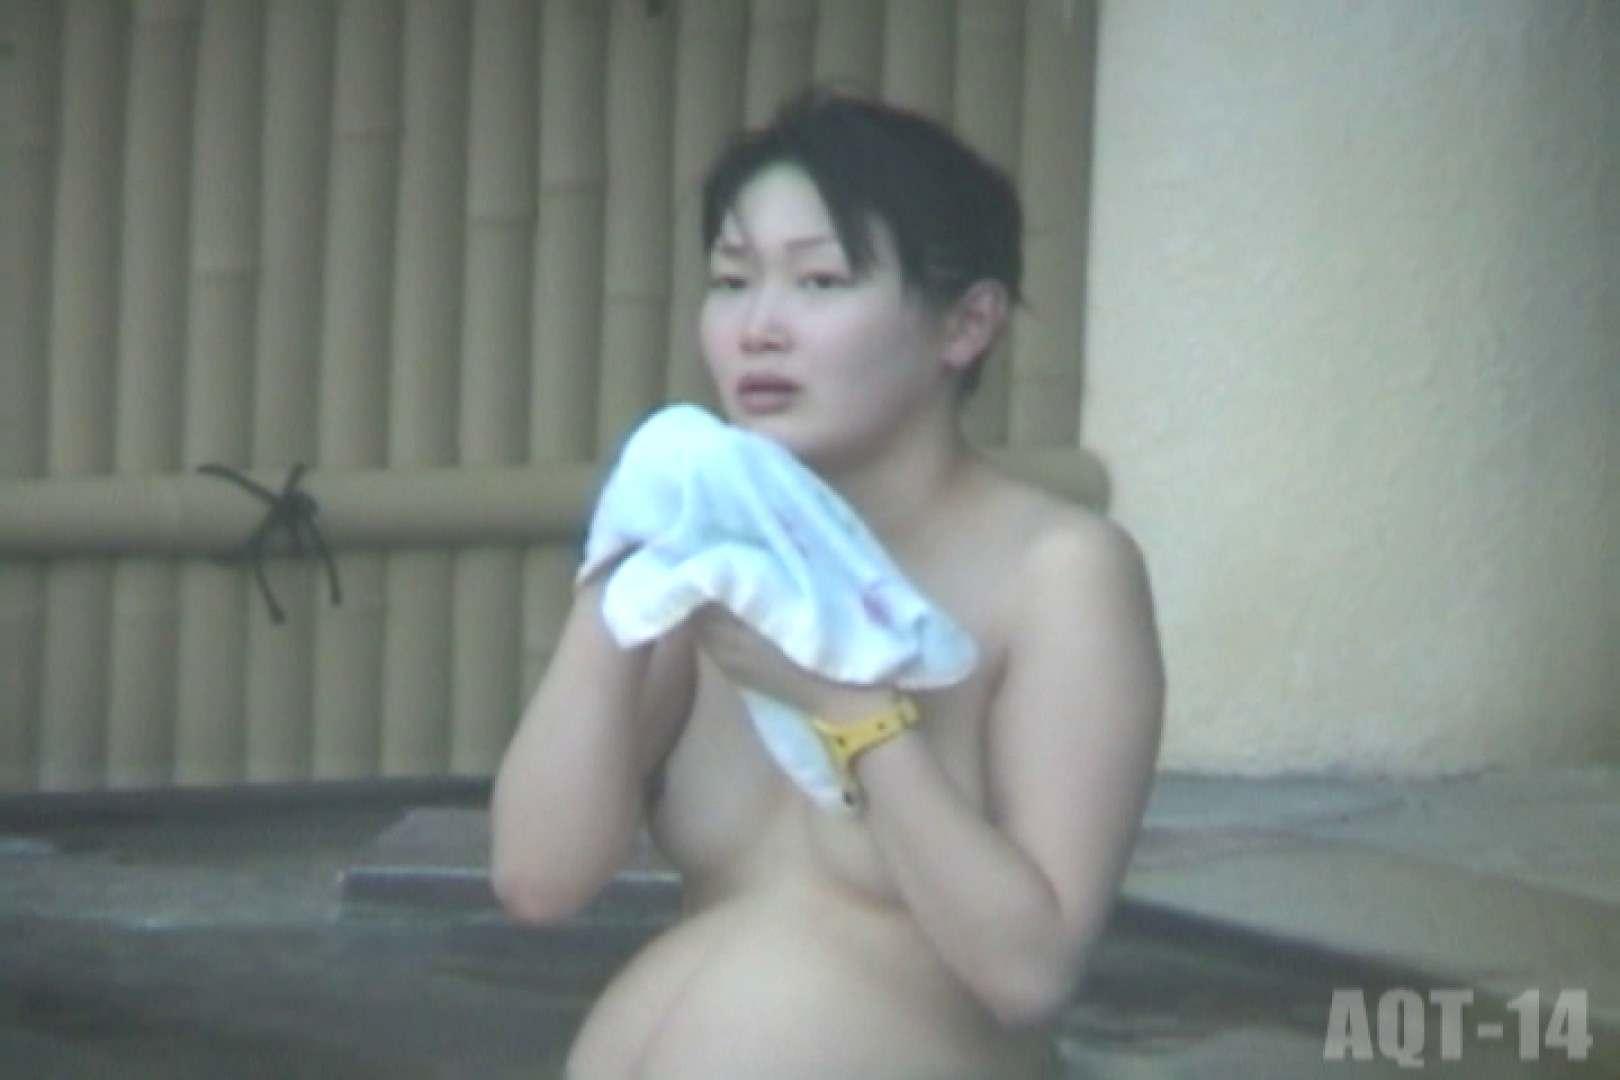 Aquaな露天風呂Vol.824 盗撮シリーズ  111PIX 56